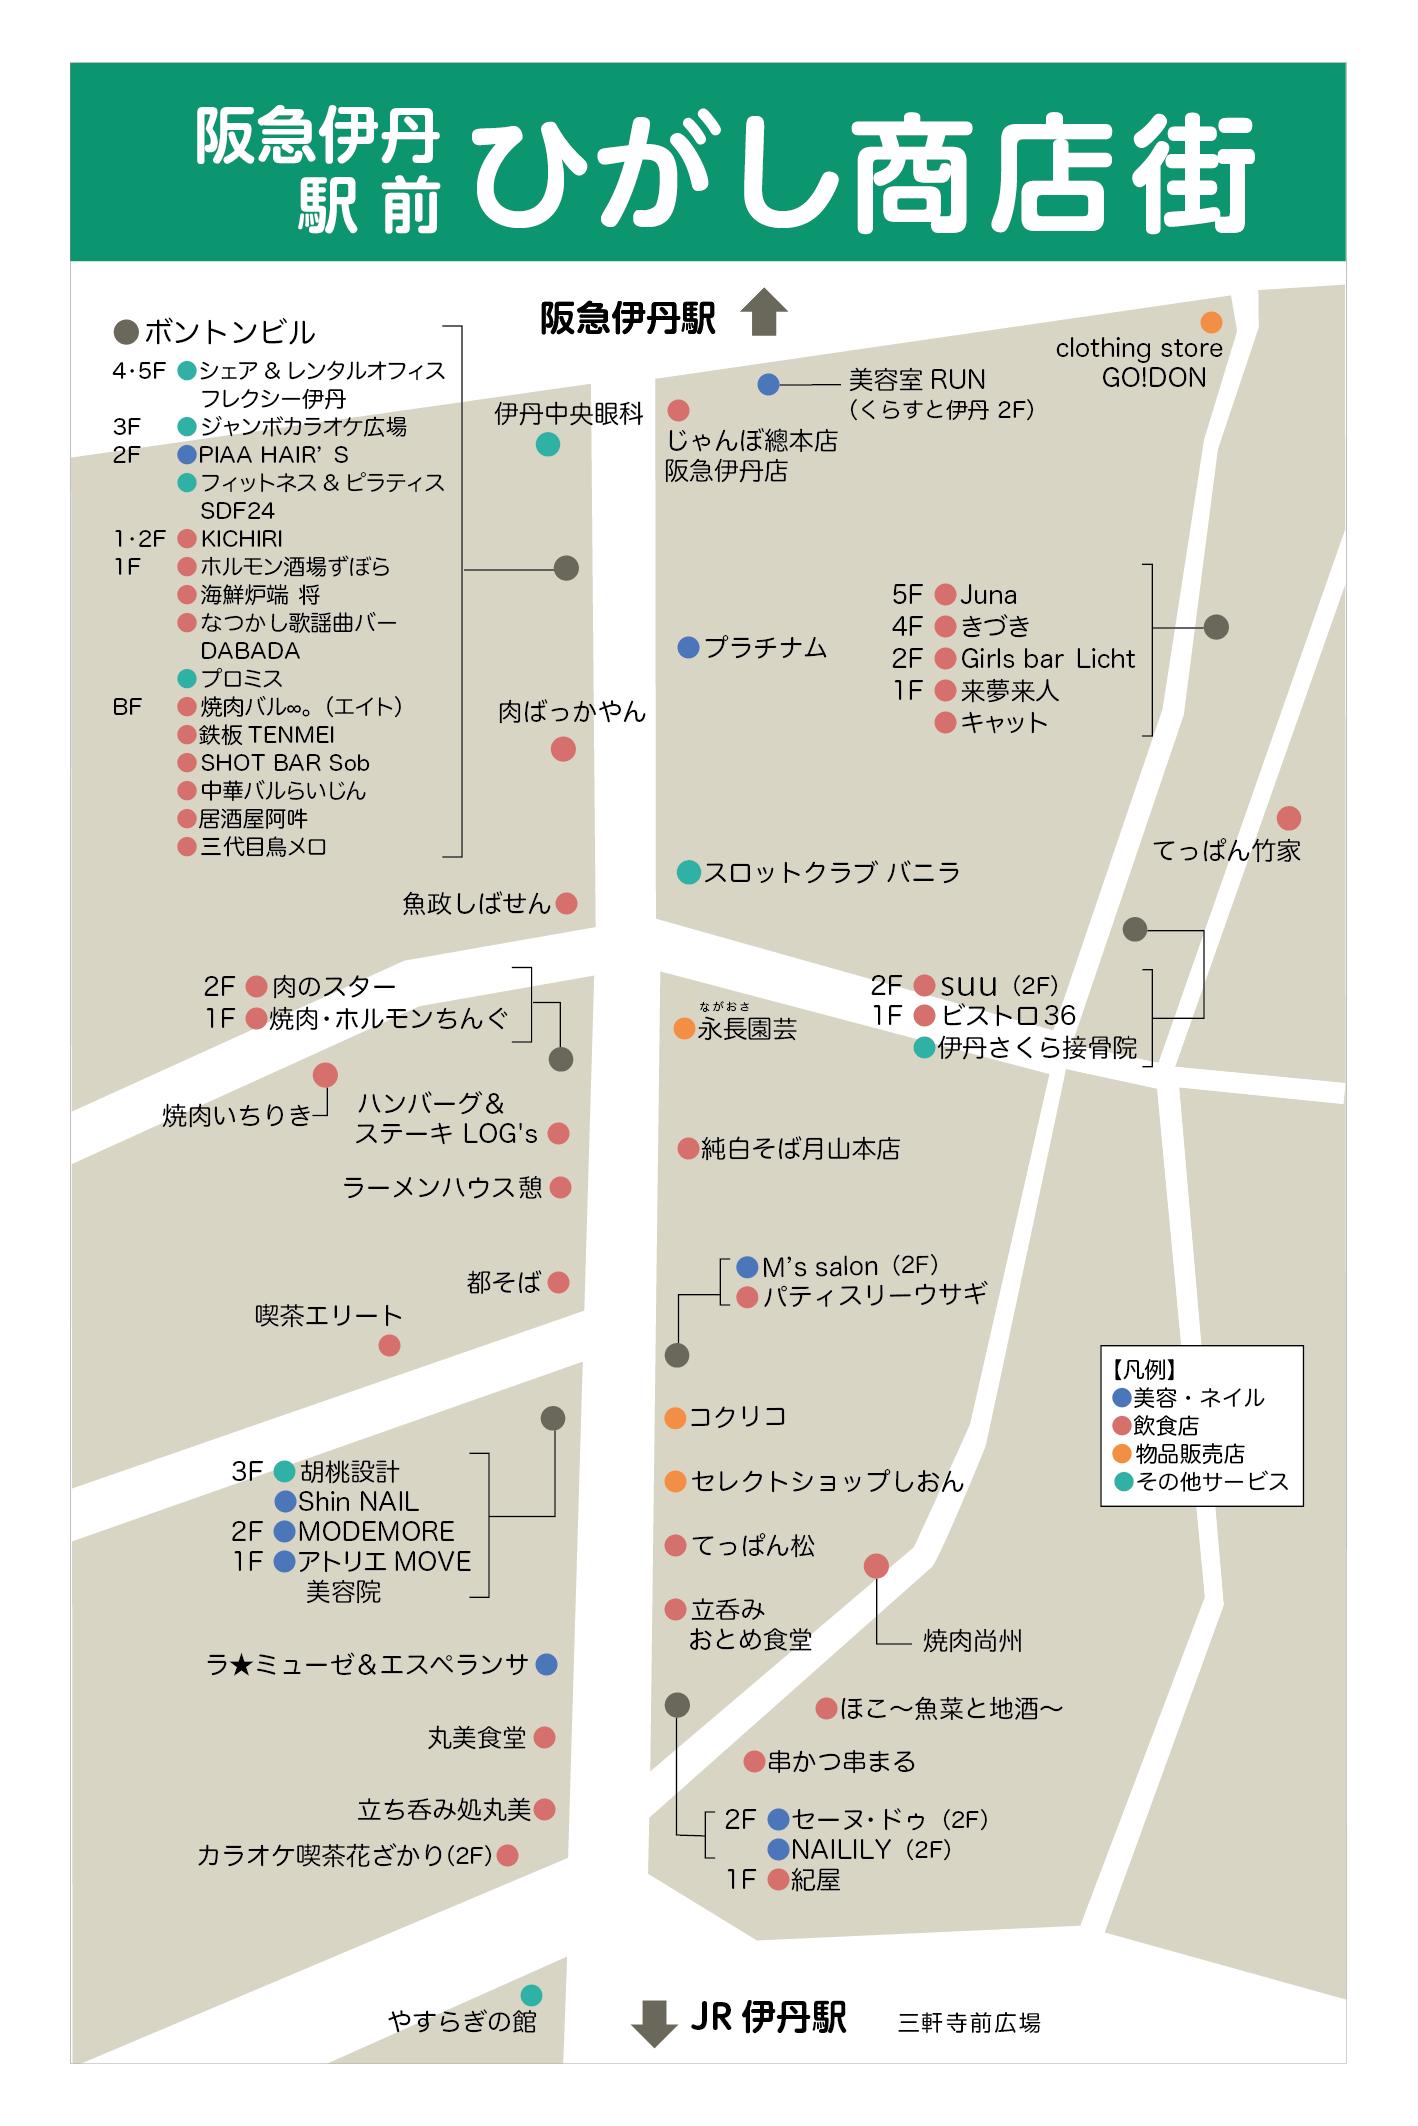 商店街加盟店の地図